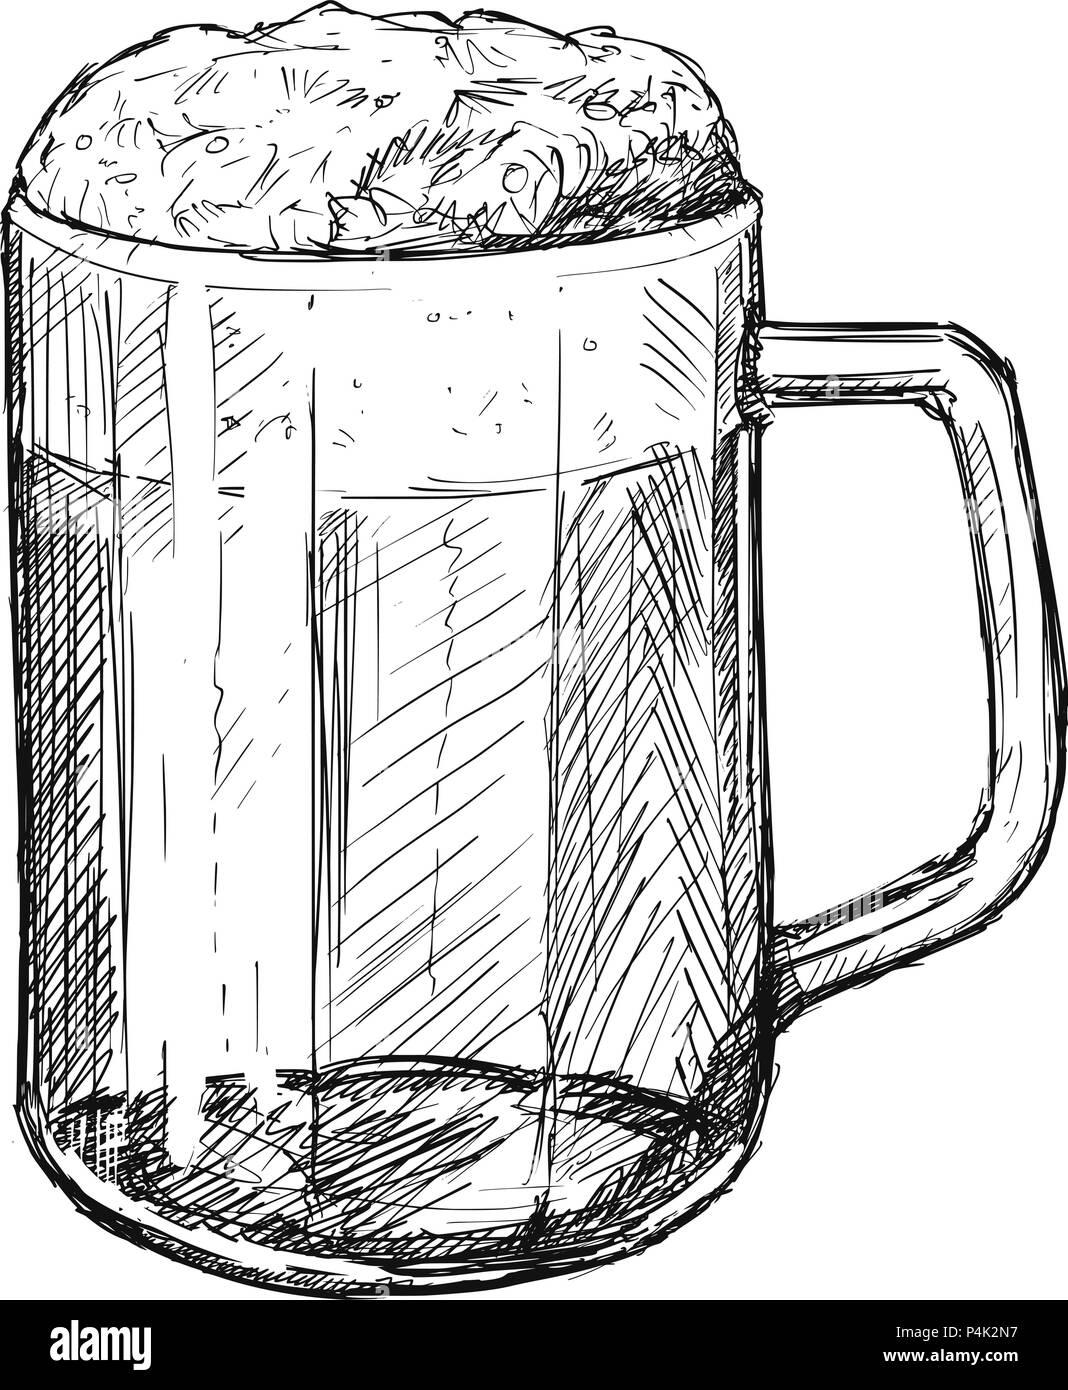 Vector Disegno Illustrazione Del Boccale Di Birra Illustrazione